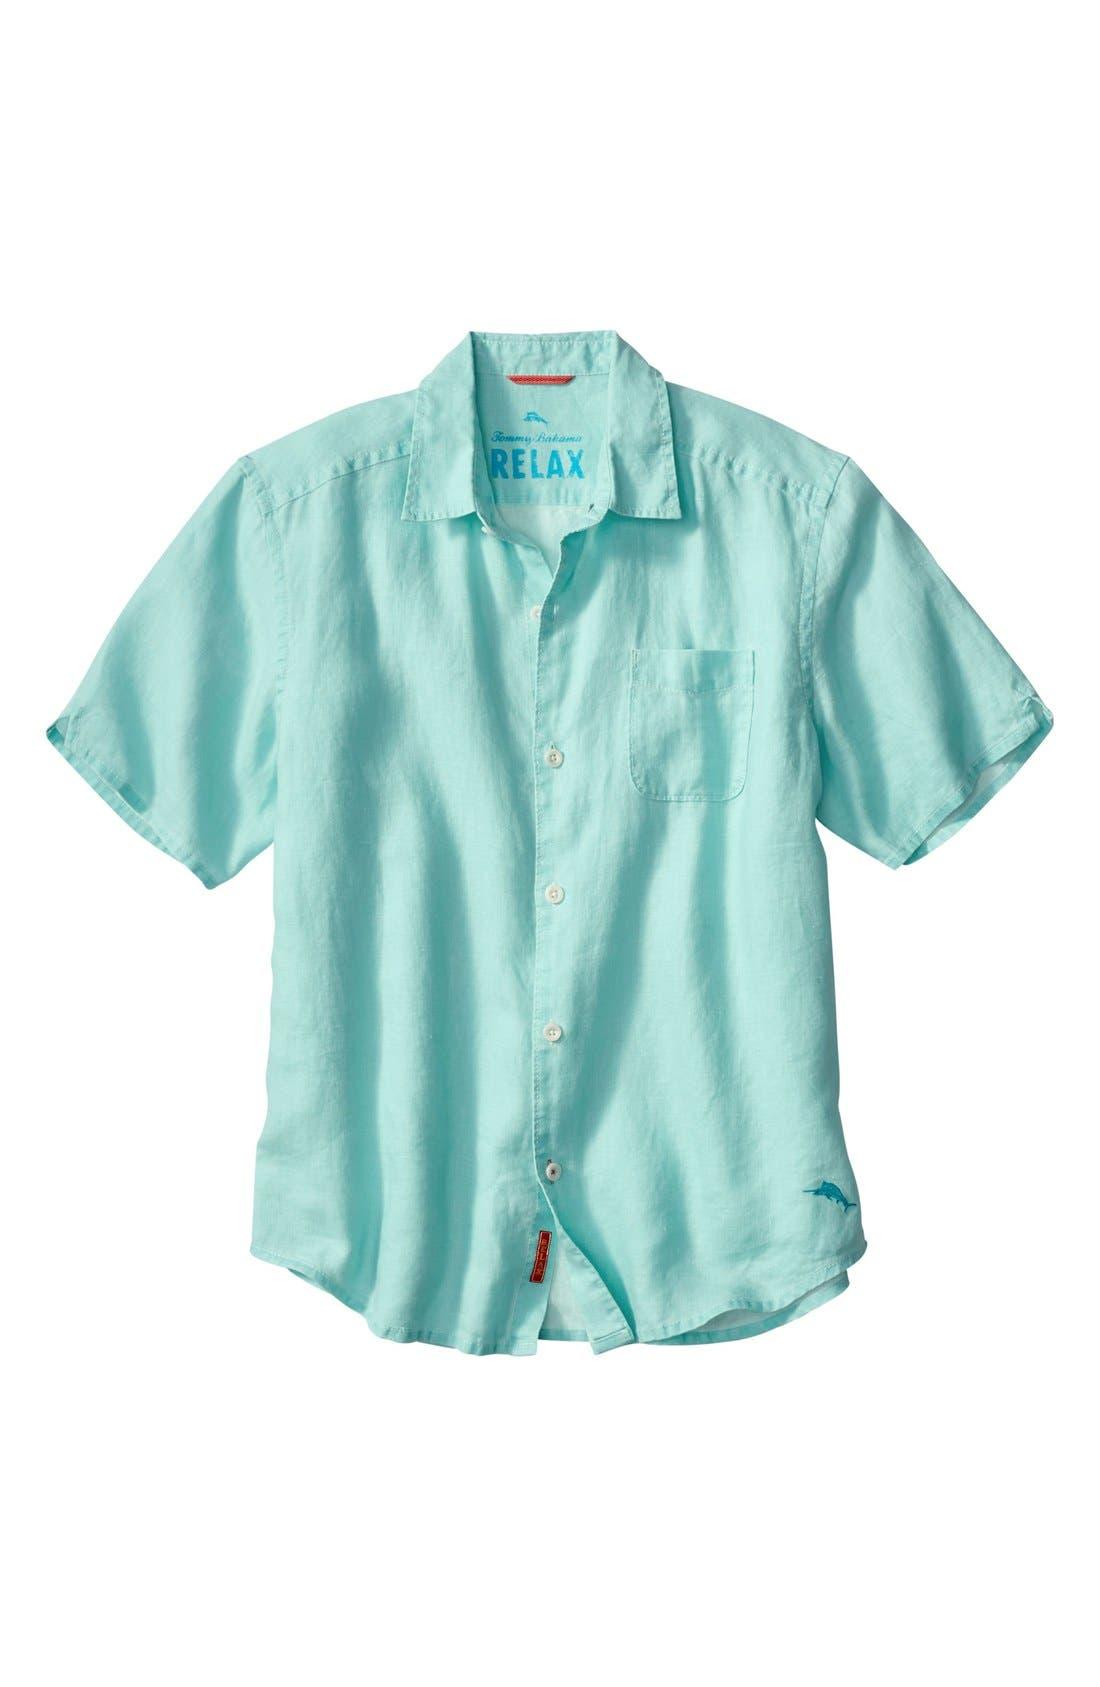 Seaglass Breezer Short Sleeve Linen Sport Shirt,                             Main thumbnail 8, color,